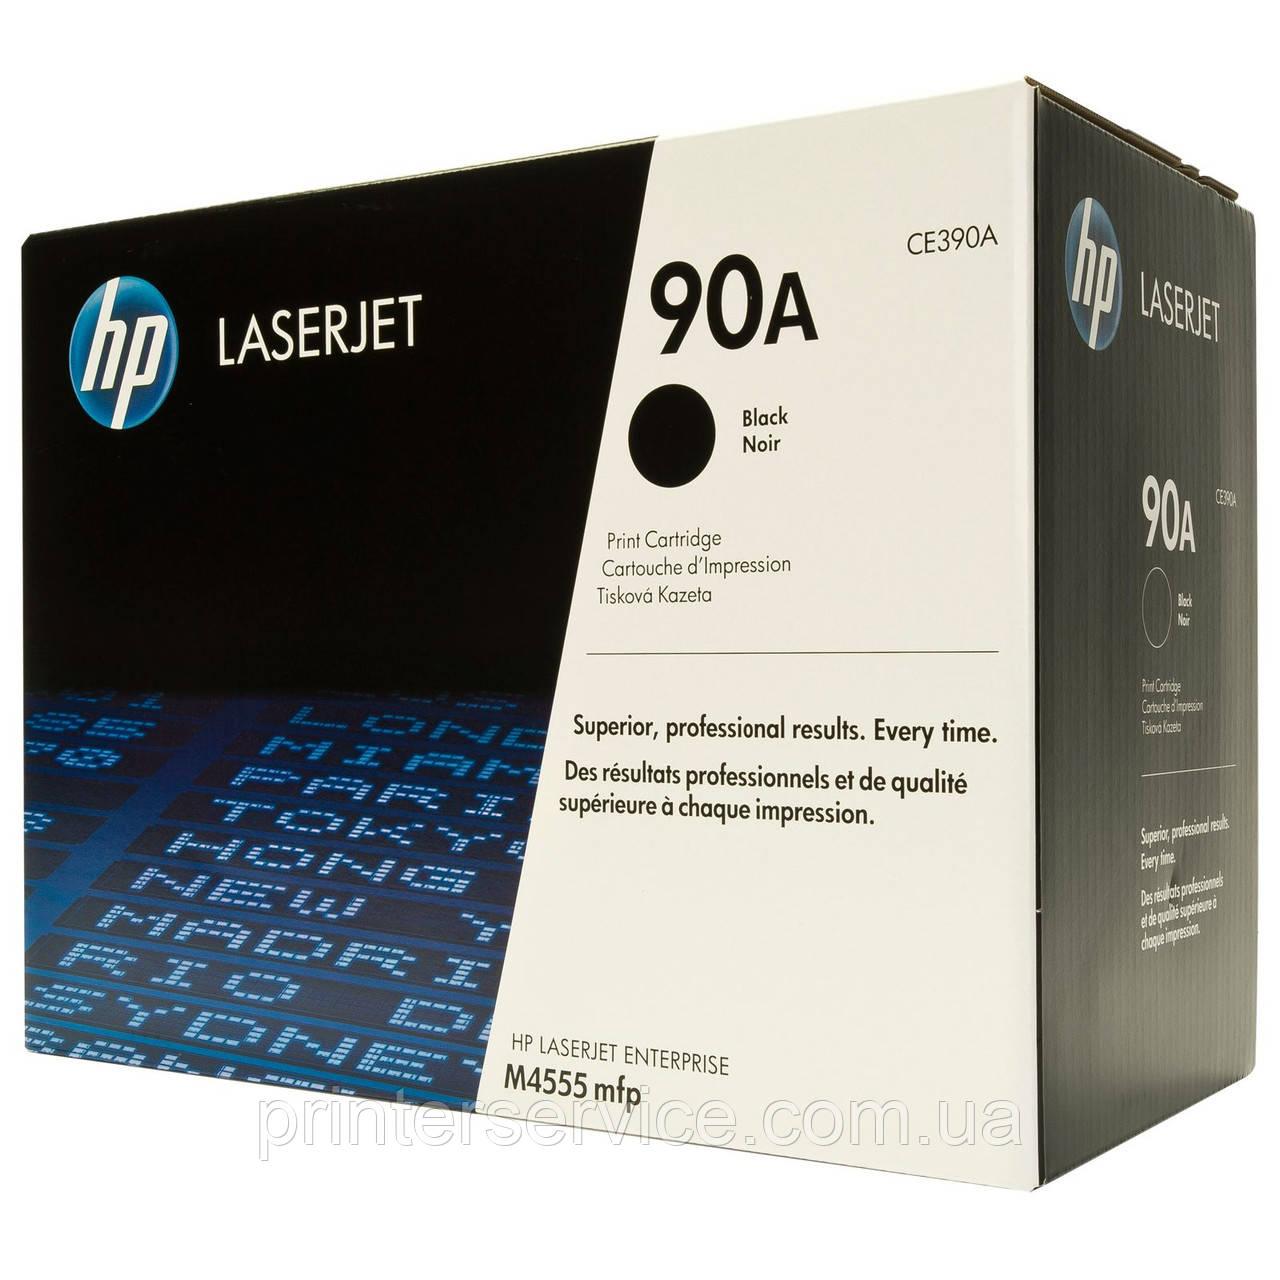 CE390A (90A) картридж для HP LJ Enterprise M4555, M601, M602, M603 series